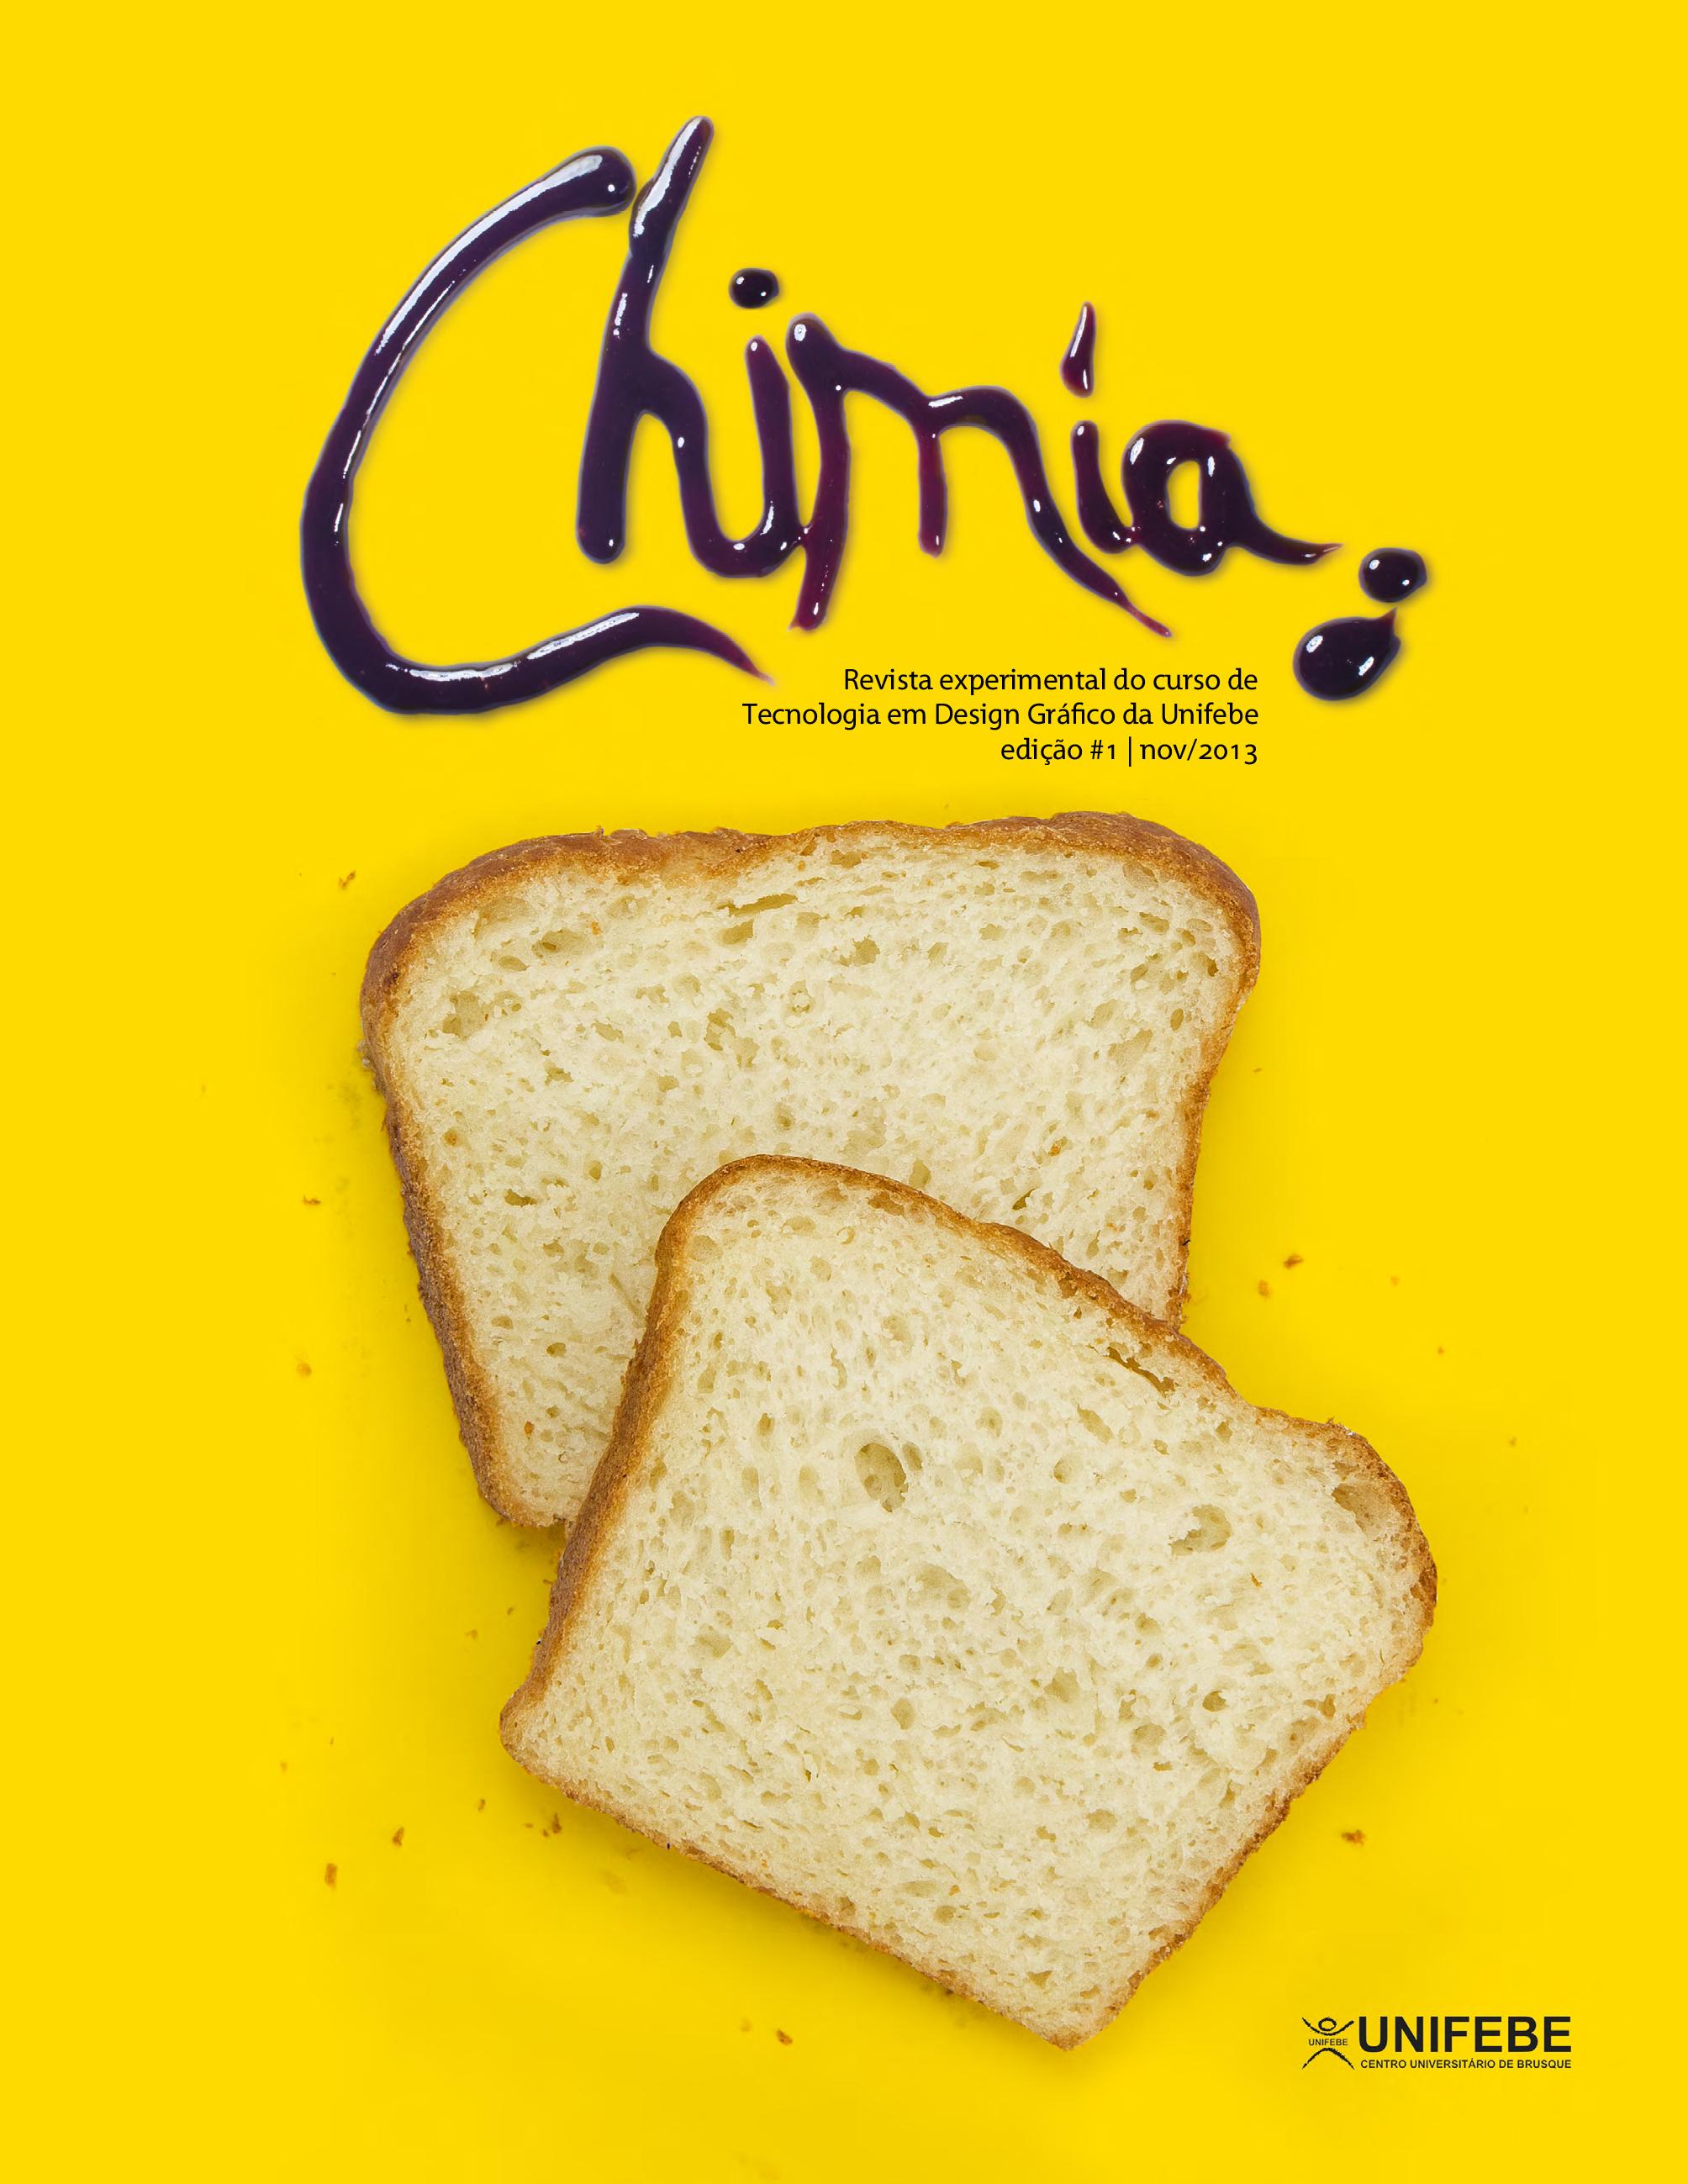 revista-chimia-nº-01-2013-design-grafico-unifebe